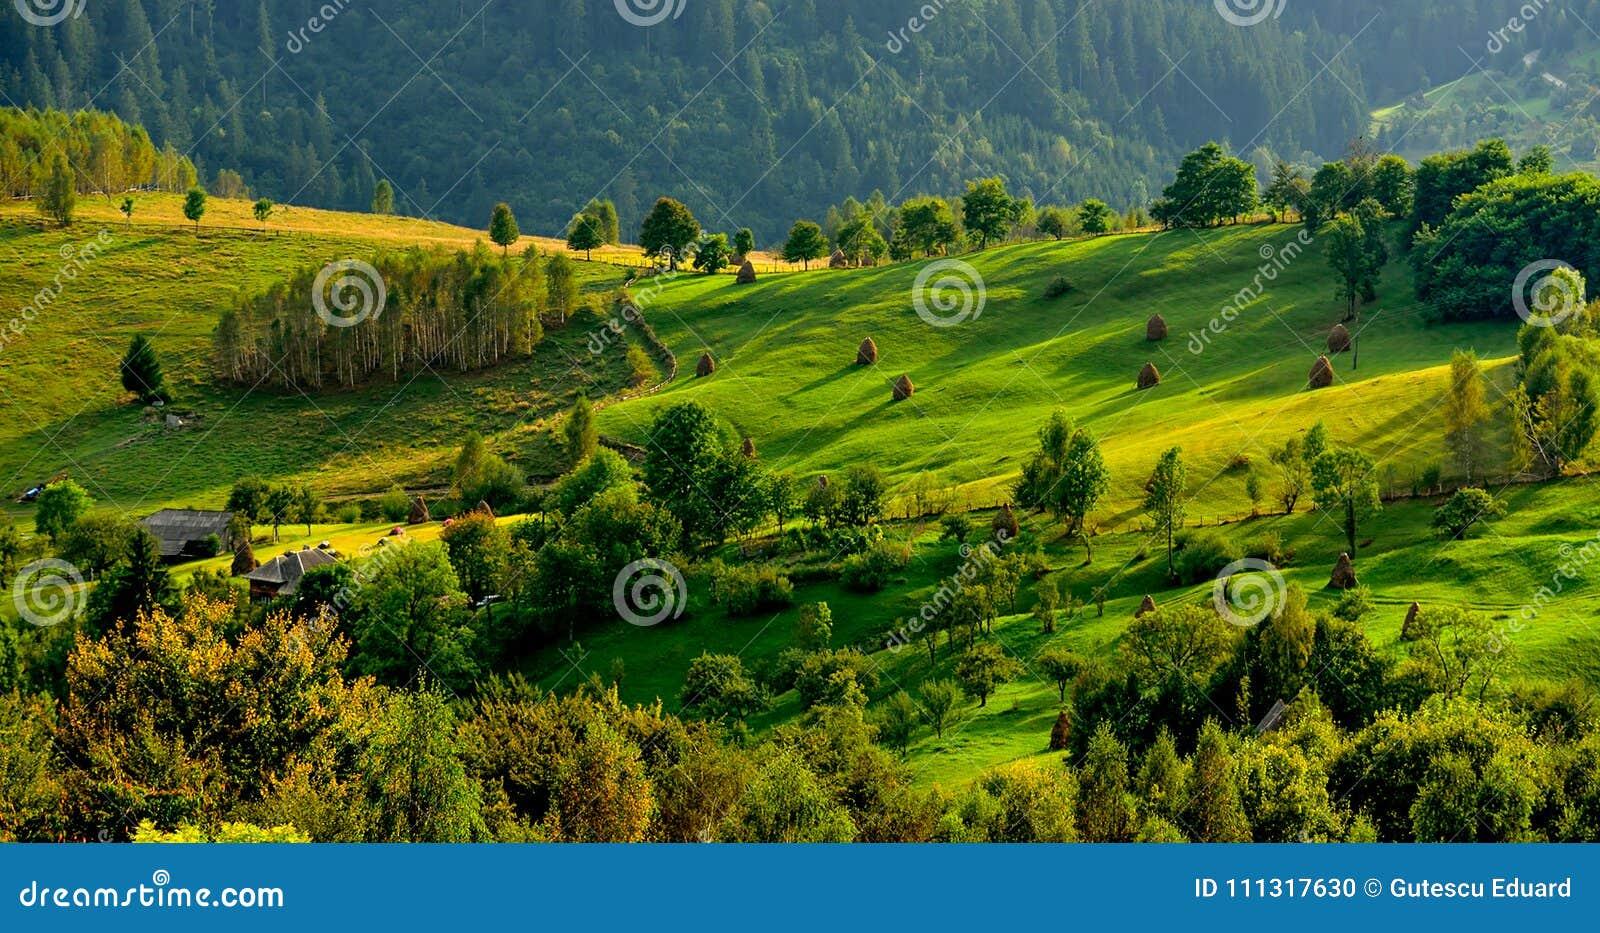 La Romania, montagna di Apuseni in primavera, case tradizionali